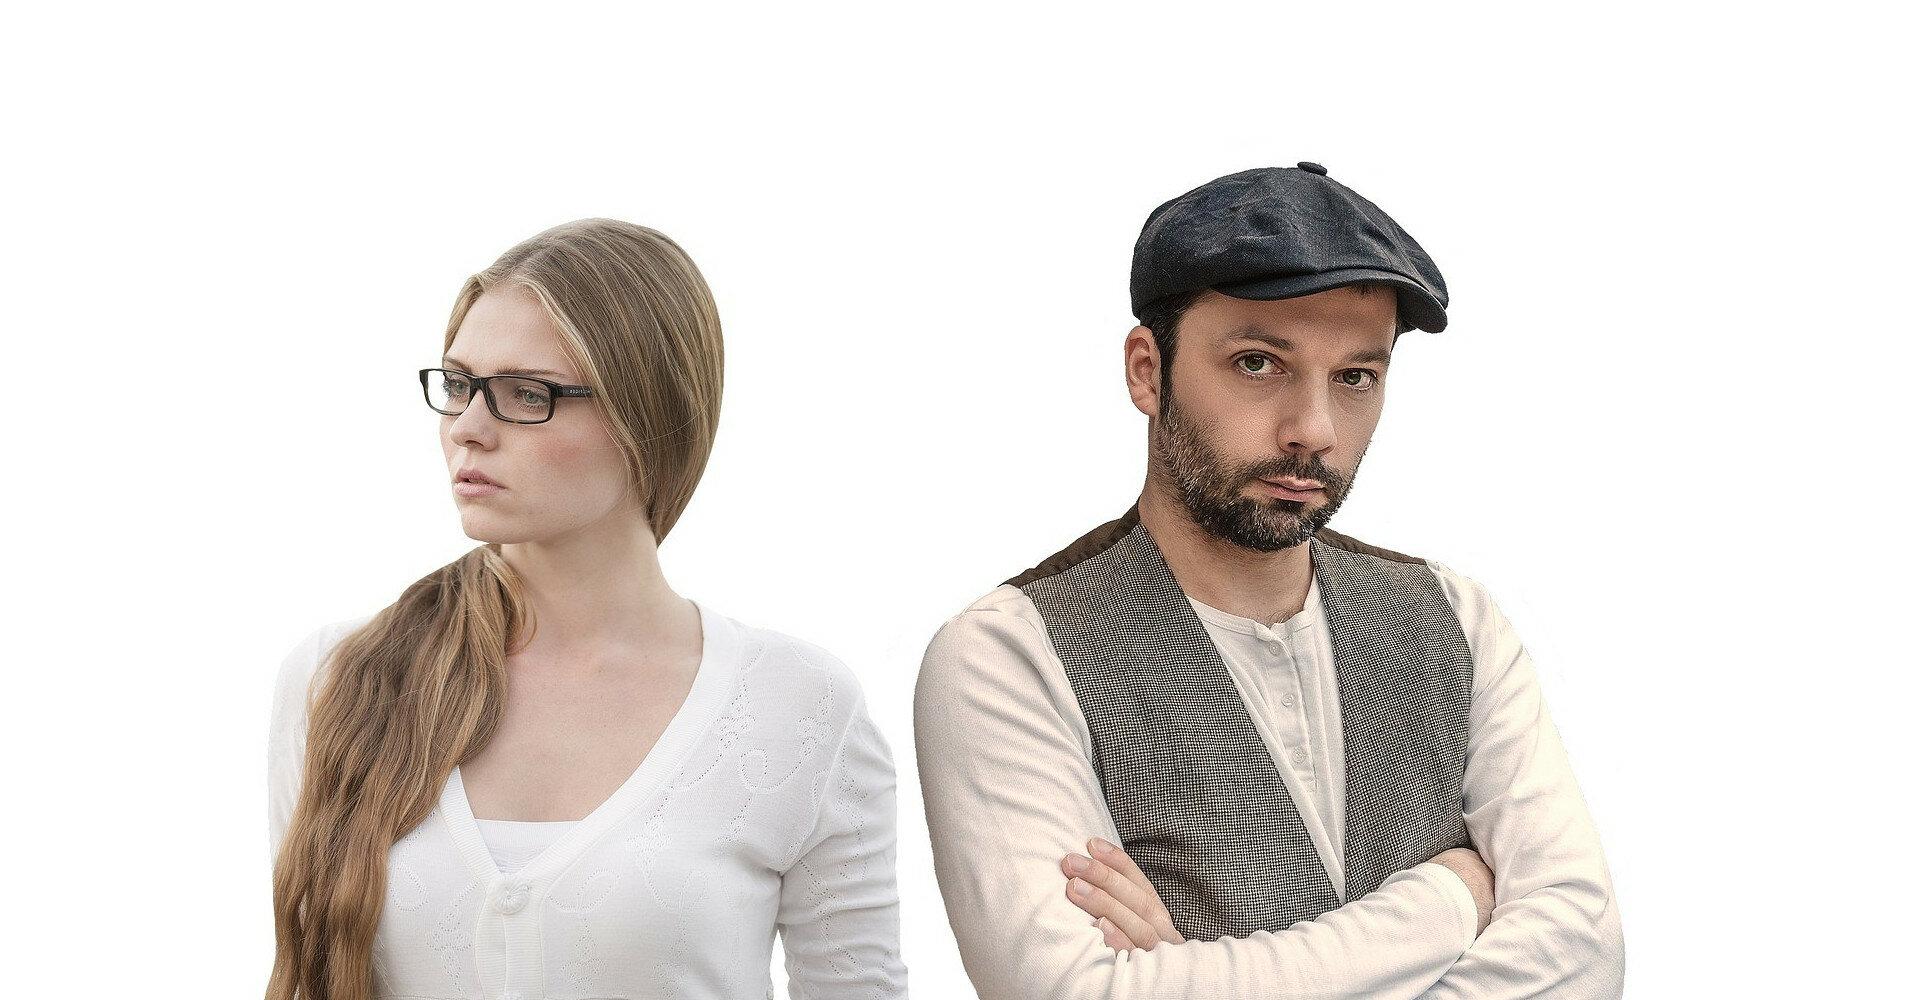 Три поради, як перестати сваритися з коханою людиною